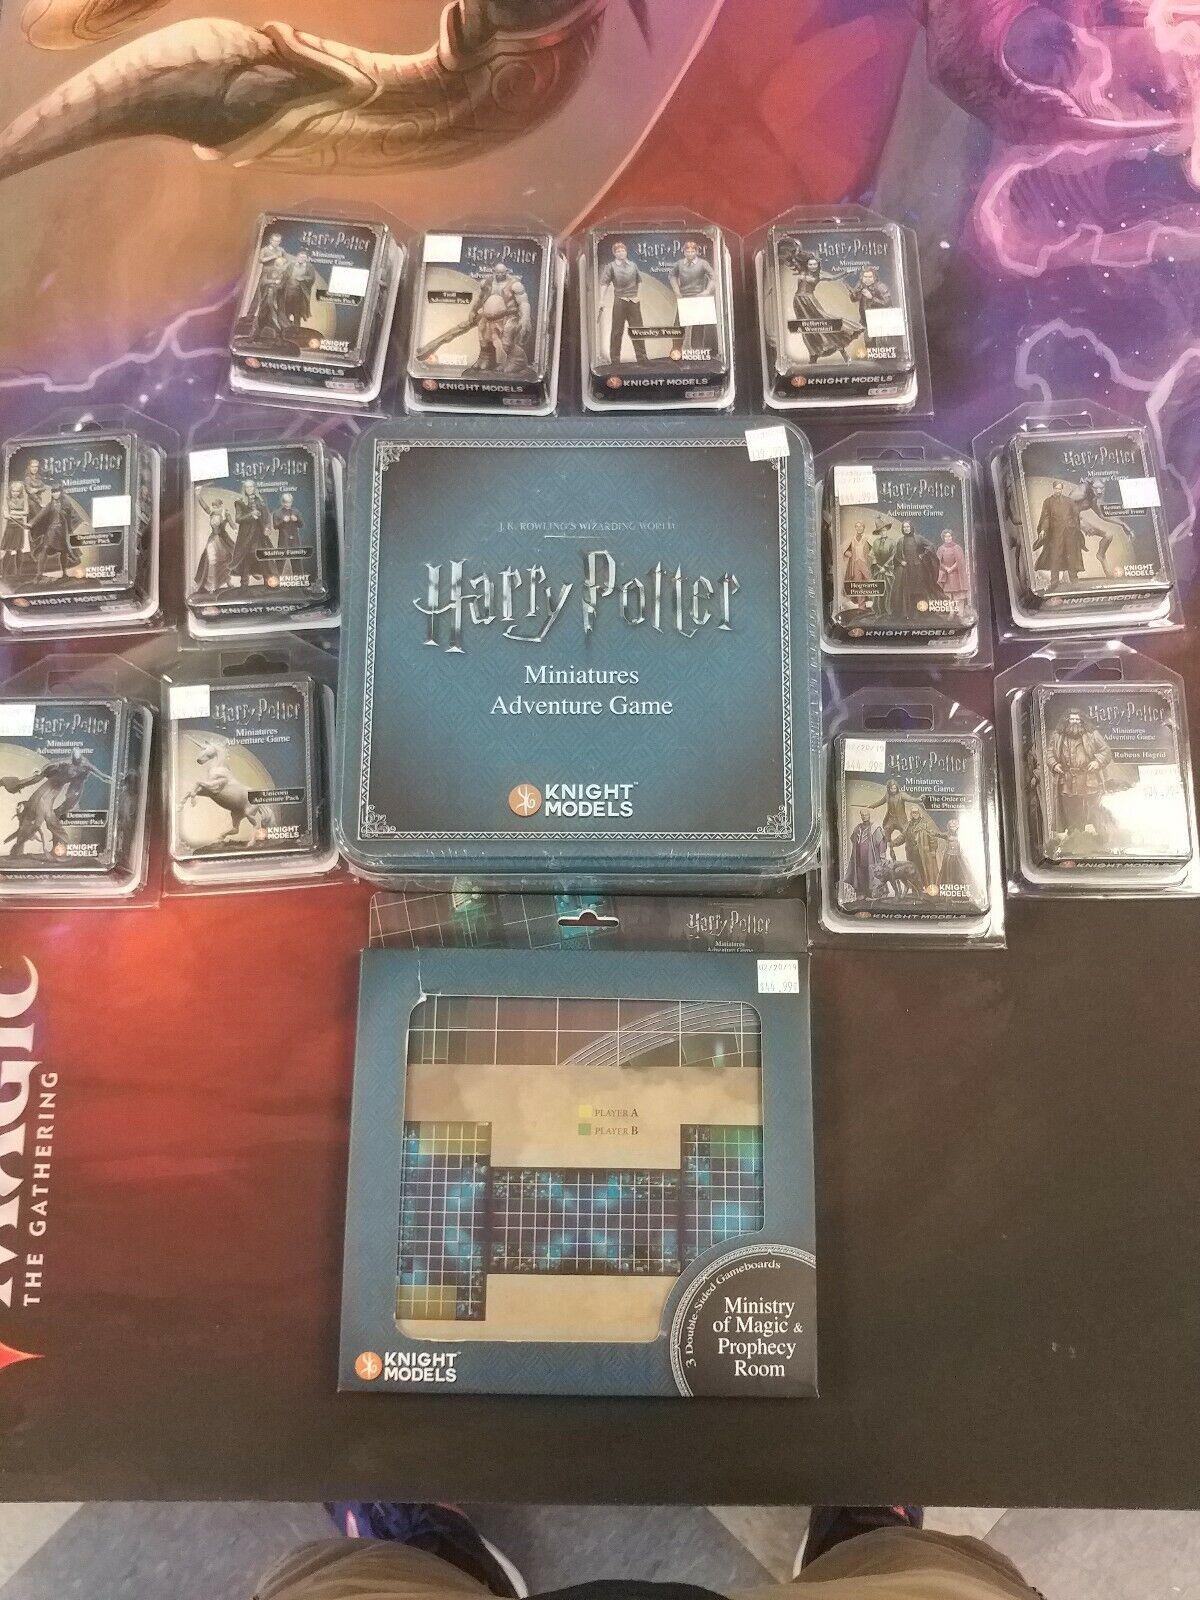 Lote de Juego de Miniaturas de Harry Potter